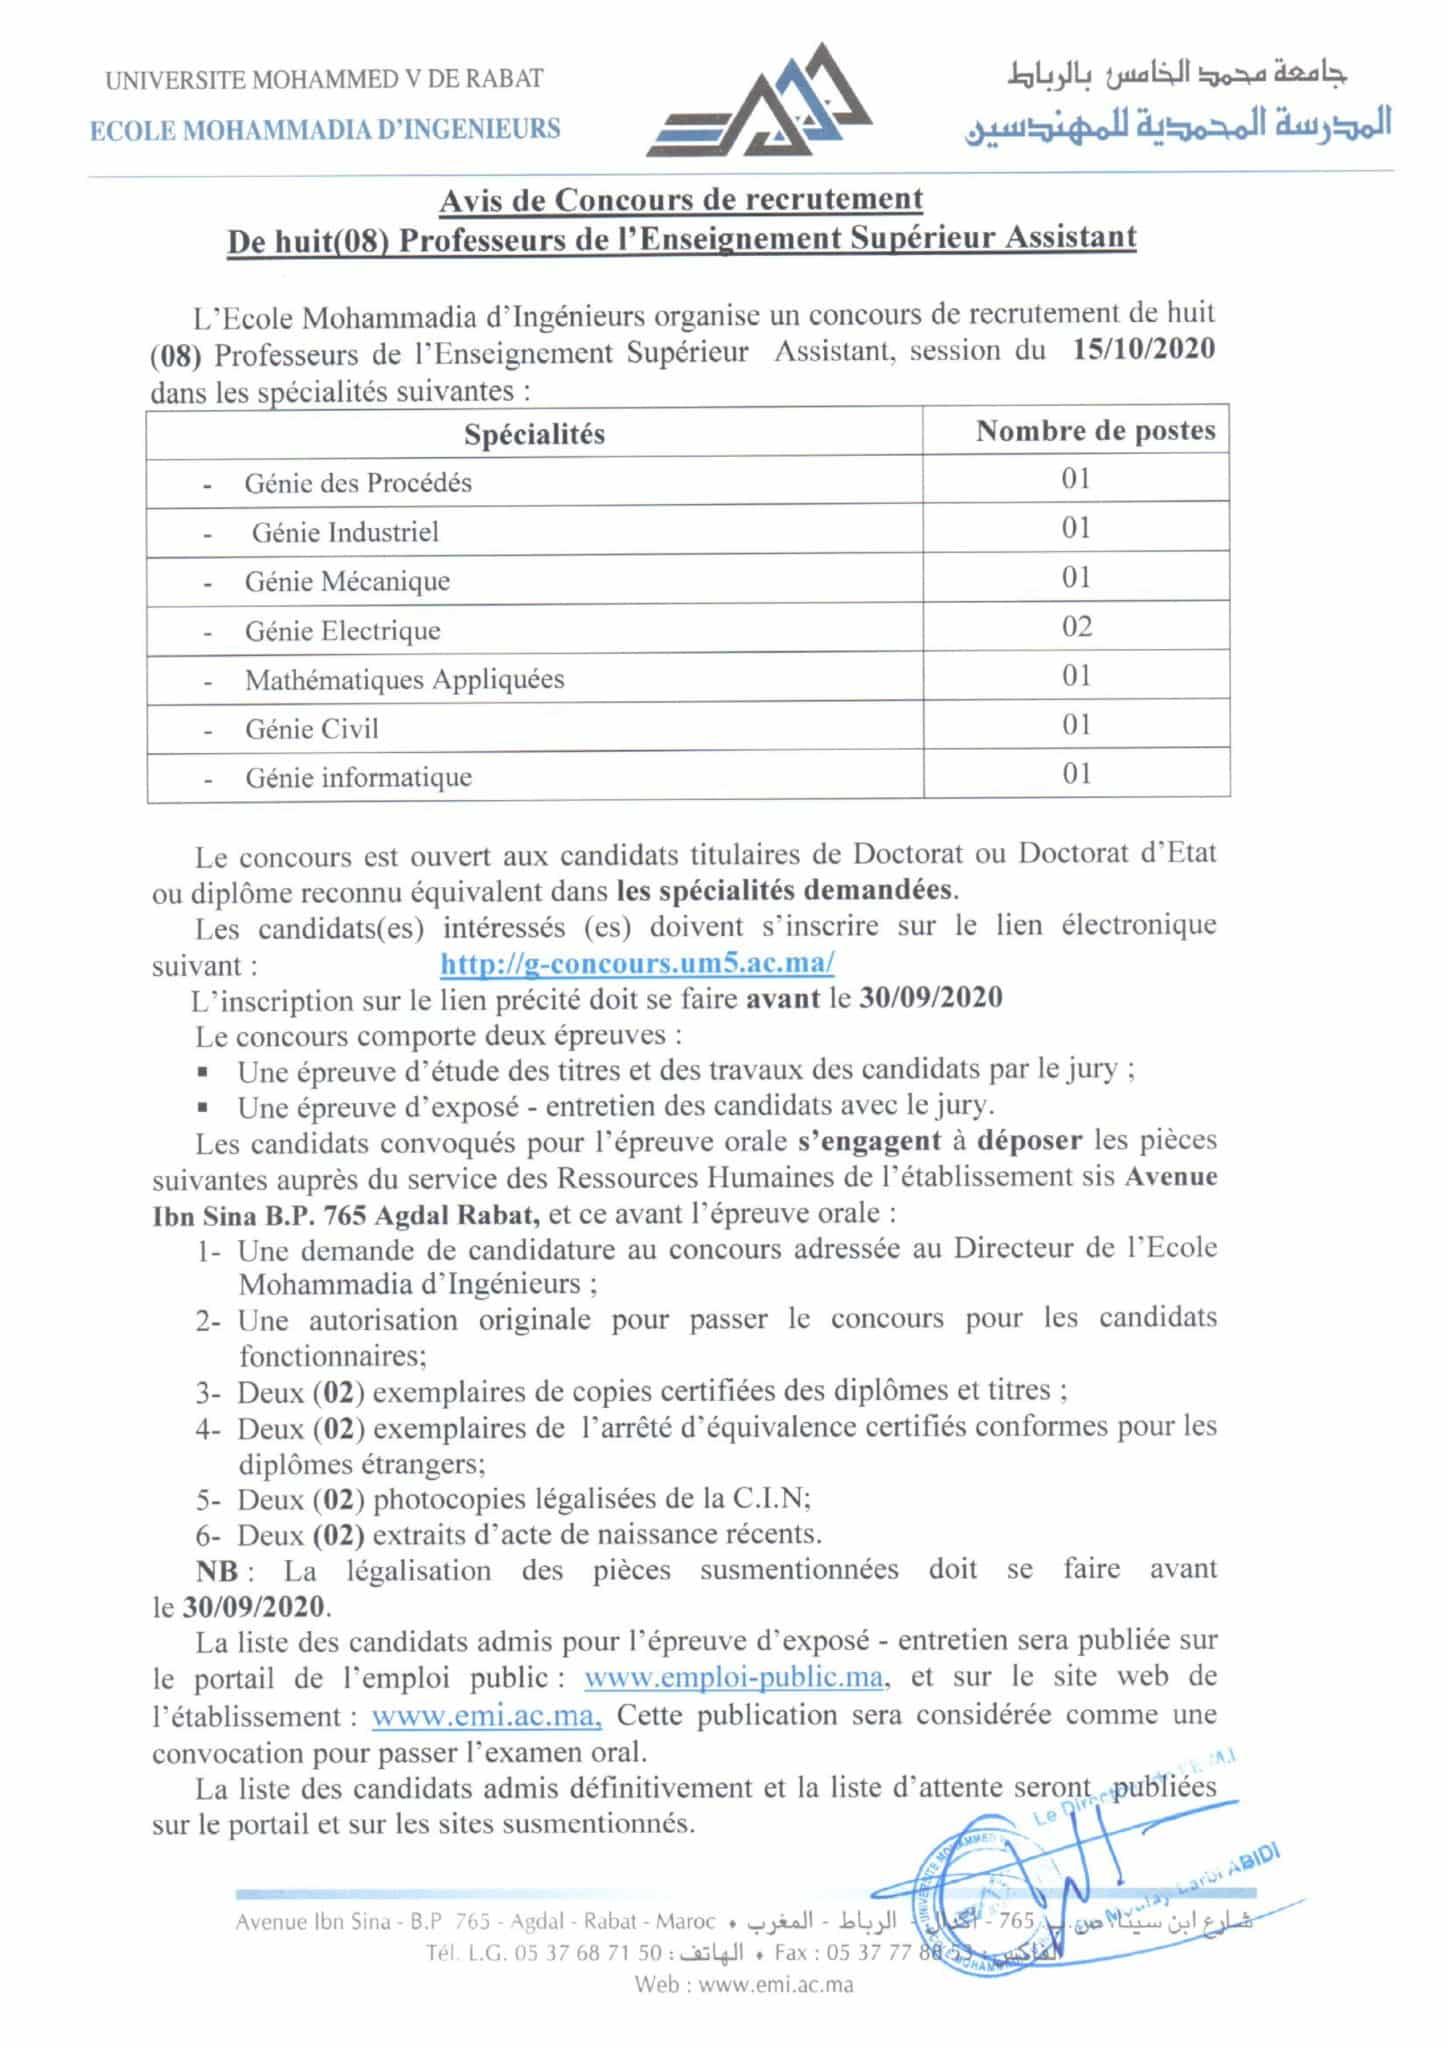 Avis de concours de recrutement de PA Session du 15 10 2020 1 scaled Concours Ecole Mohammadia d'Ingénieurs (8 Postes)